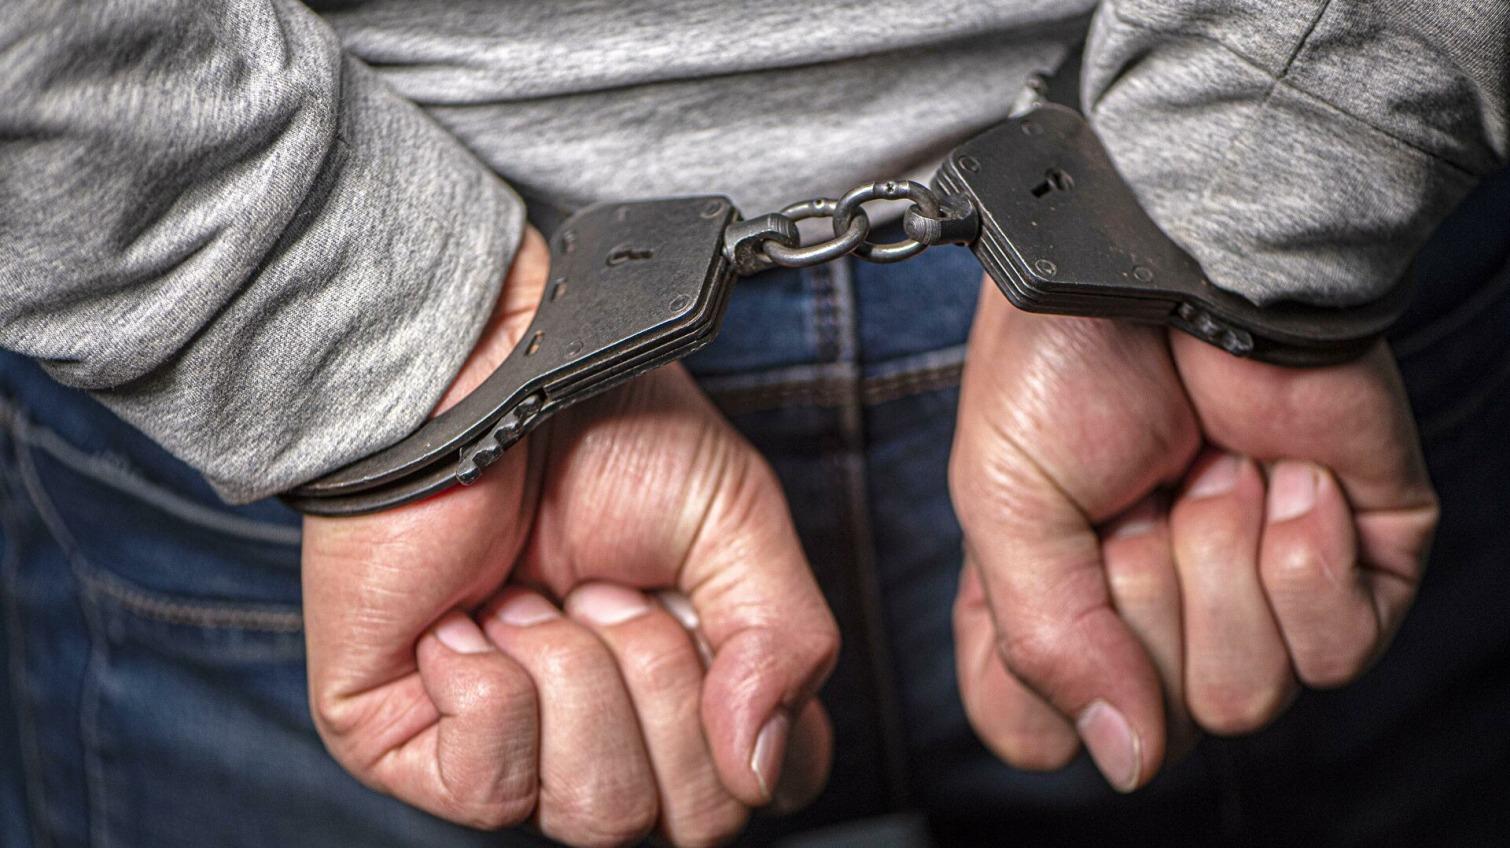 Угрожал и избивал: серийному грабителю девушек из Одесской области дали 10 лет тюрьмы «фото»